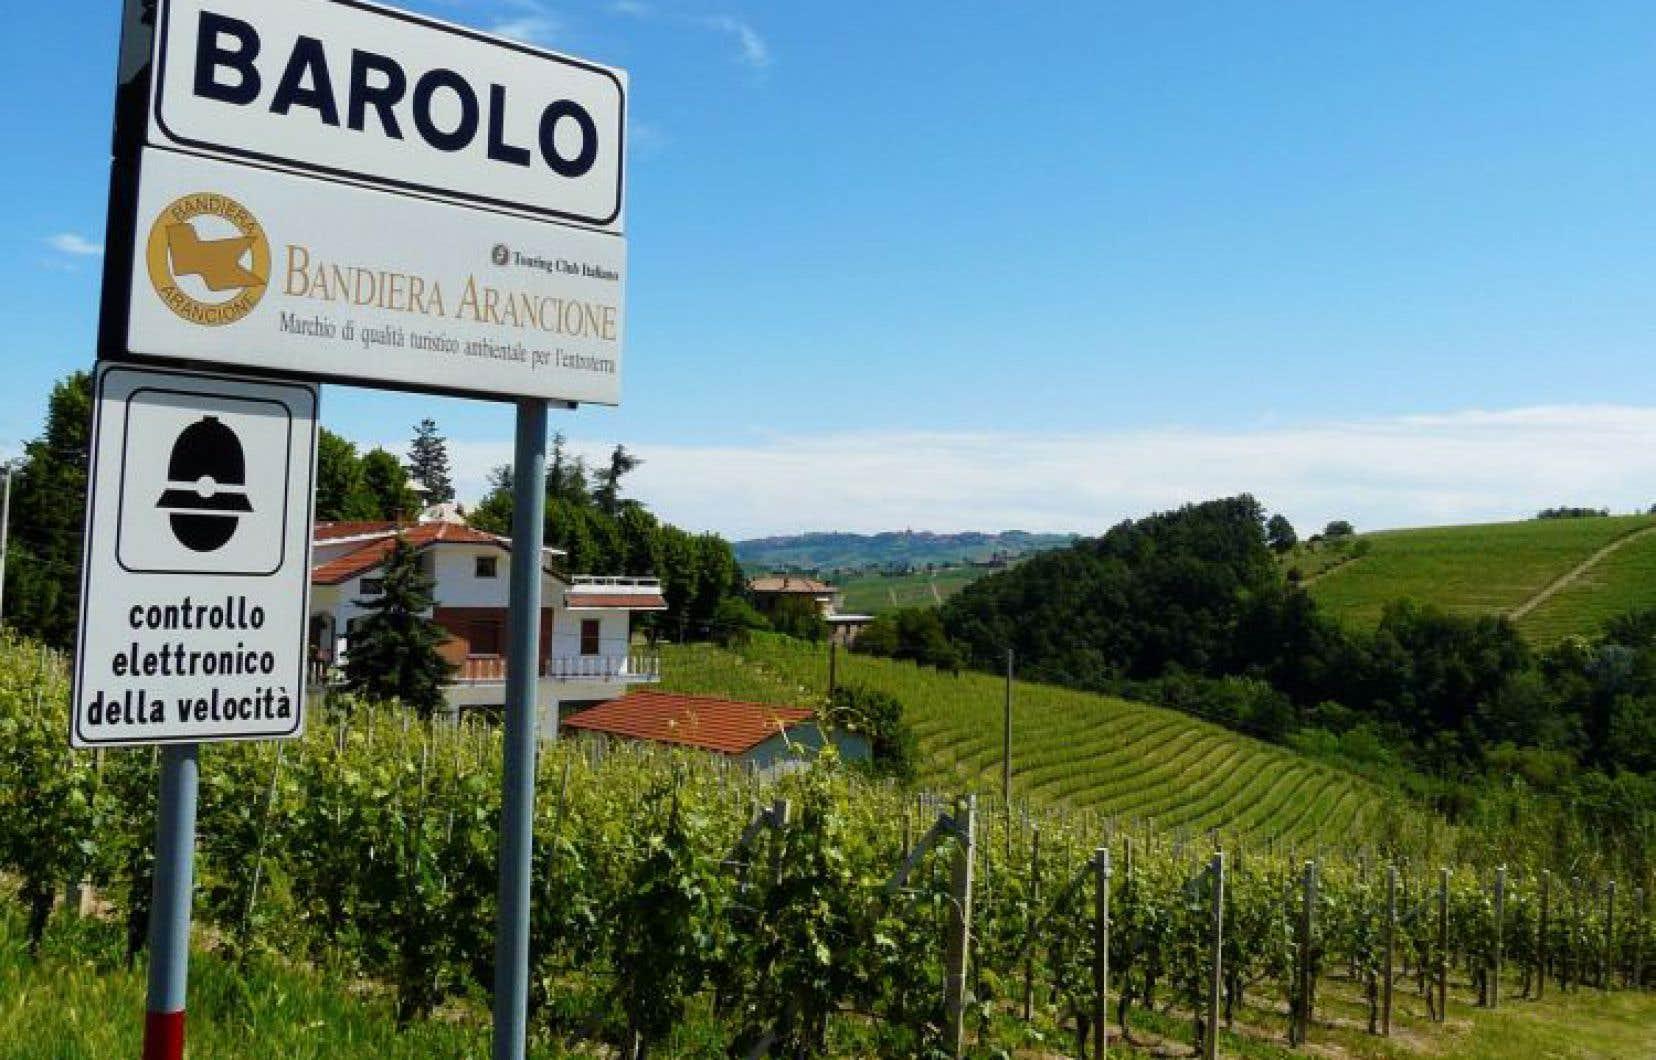 Barolo: Pavarotti joue ici les grandes orgues.